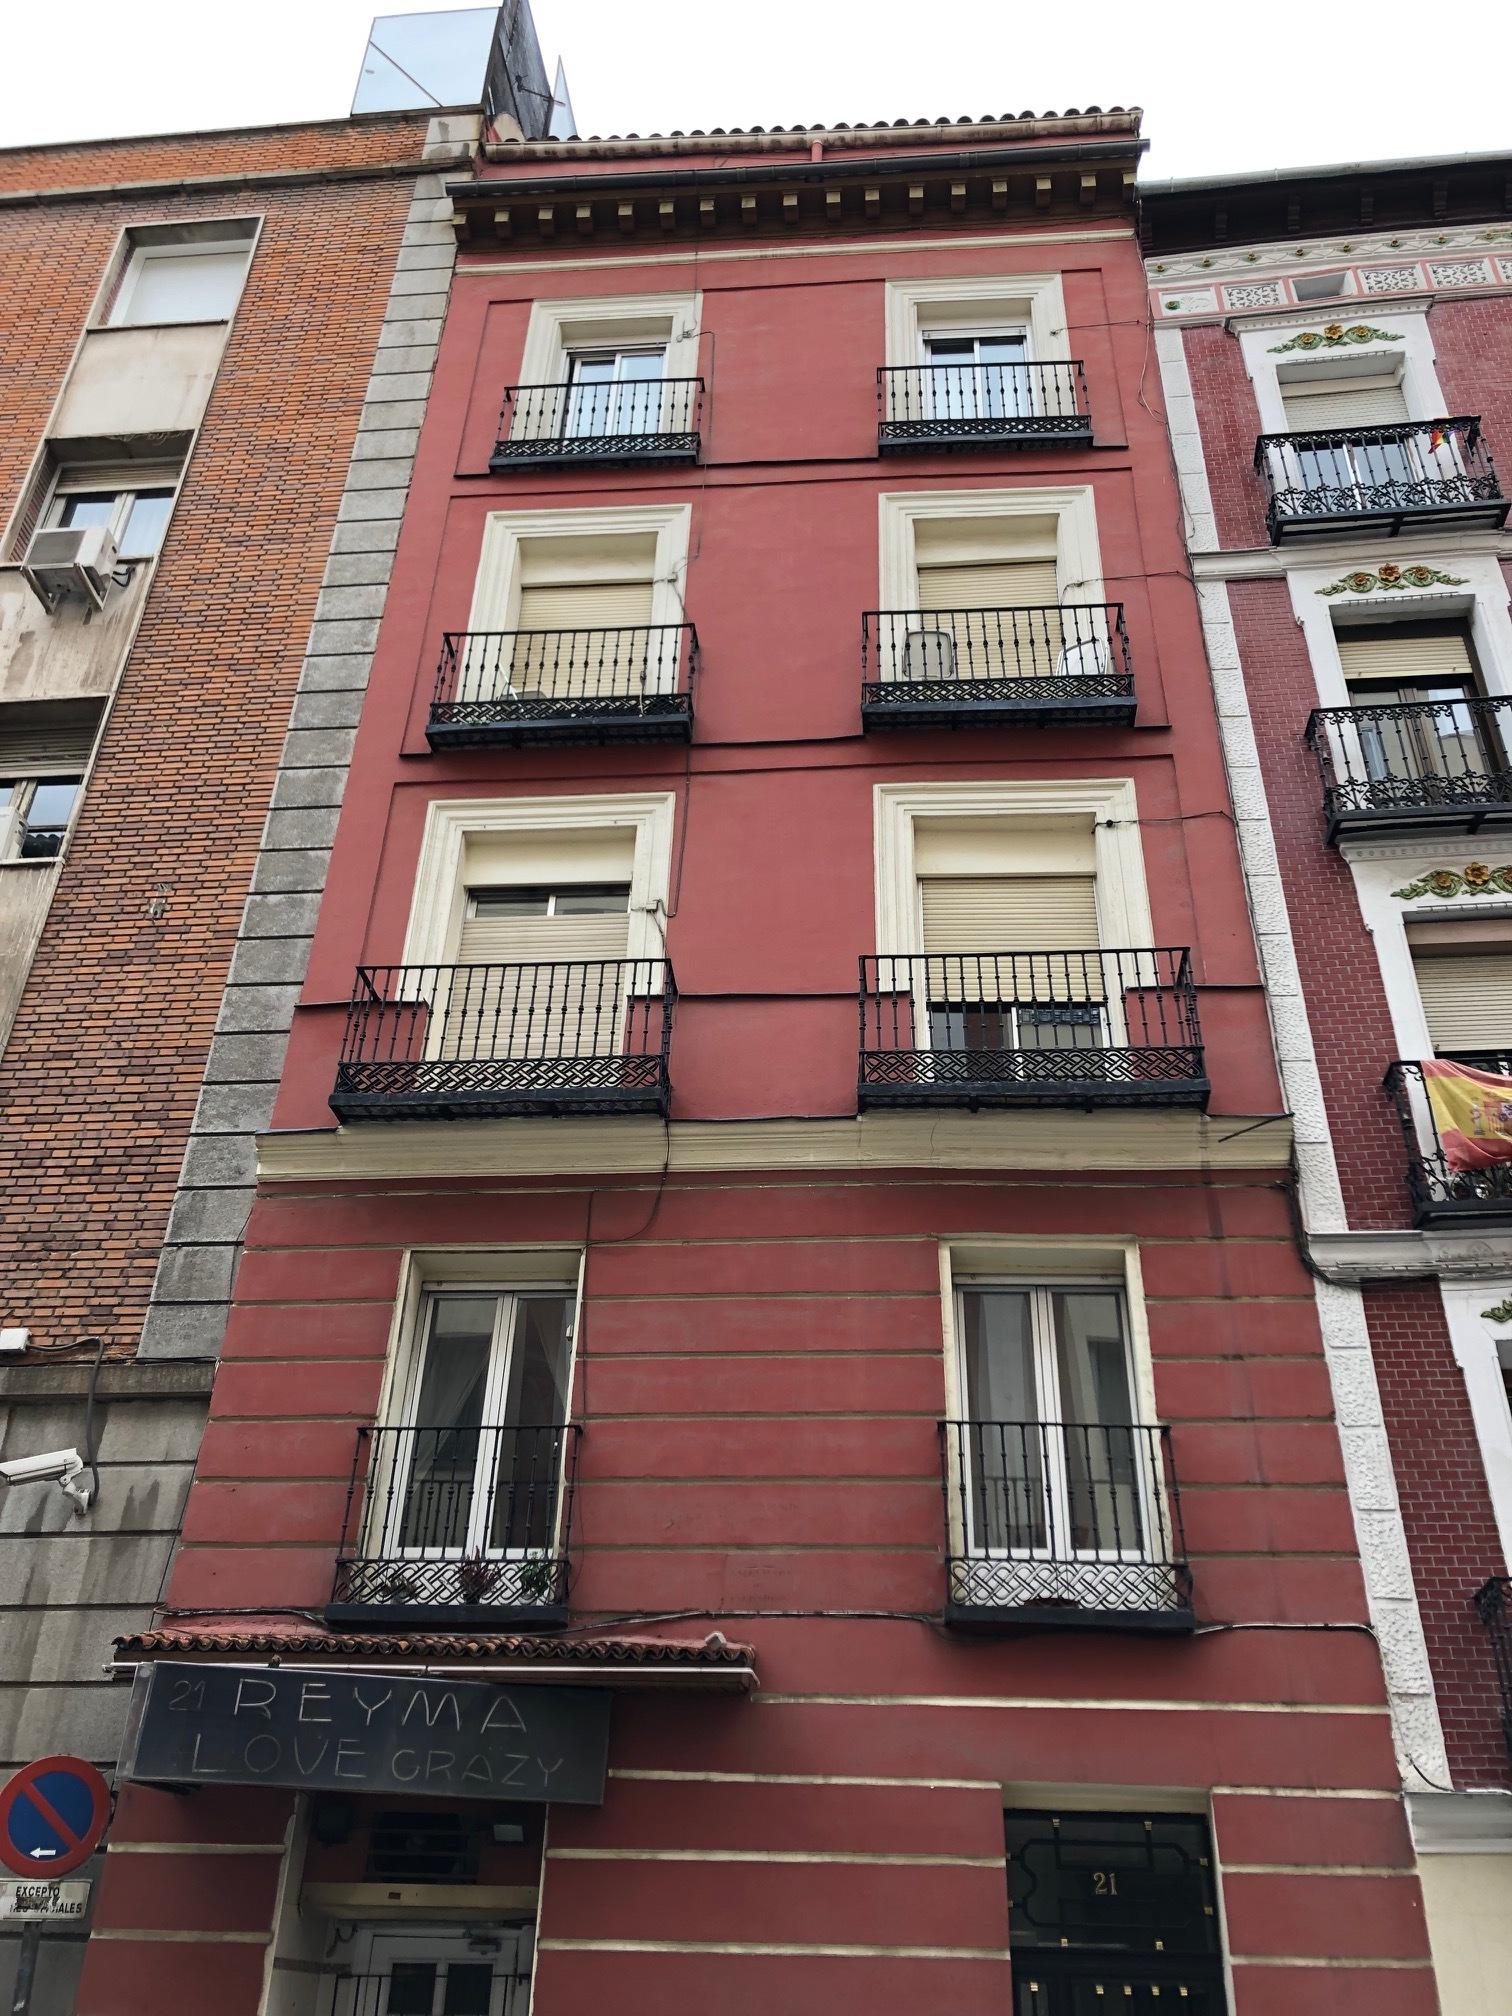 Local en Palacio - Calle Leganitos 21Superficie 68m2Renta esperada 3.000 EUROS/MESPrecio de venta-